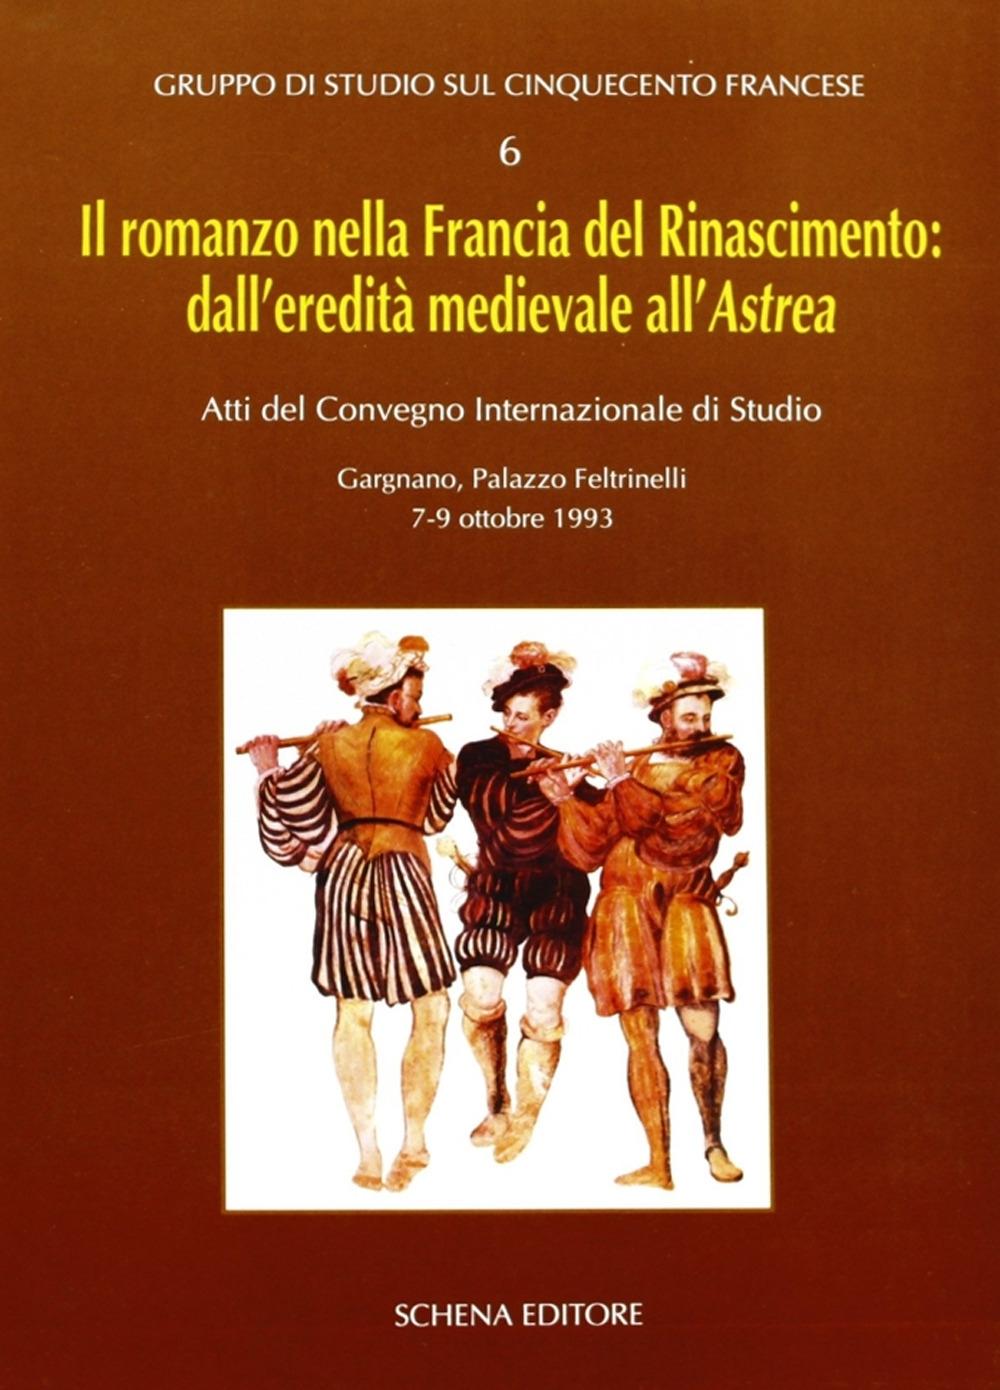 Il romanzo nella Francia del Rinascimento dall'eredità medievale all'Astrea